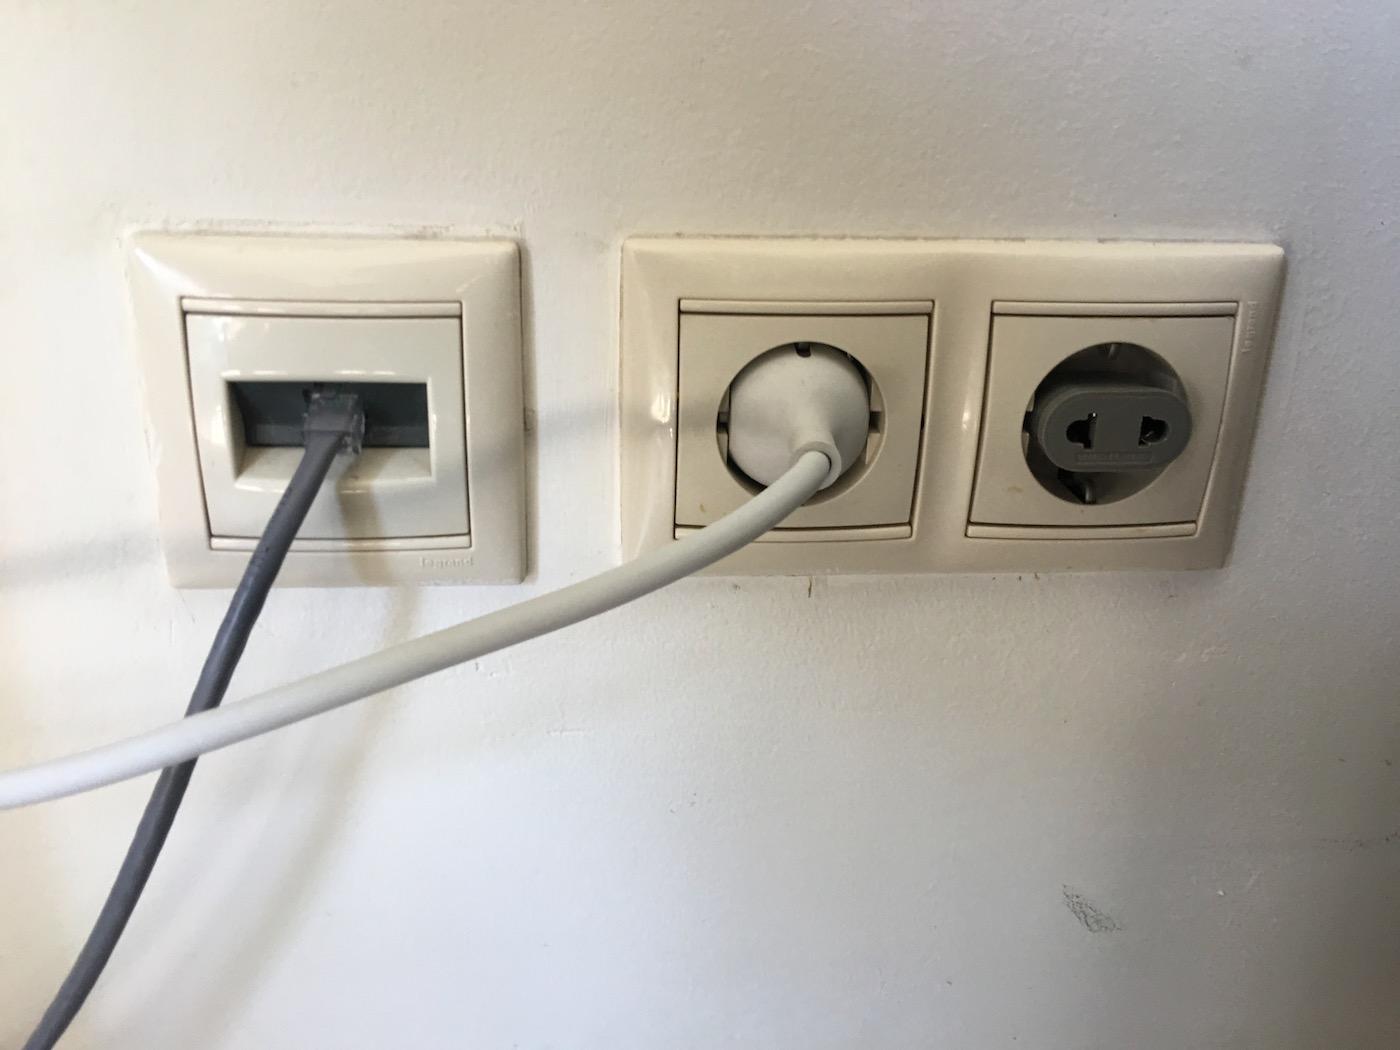 Unplug